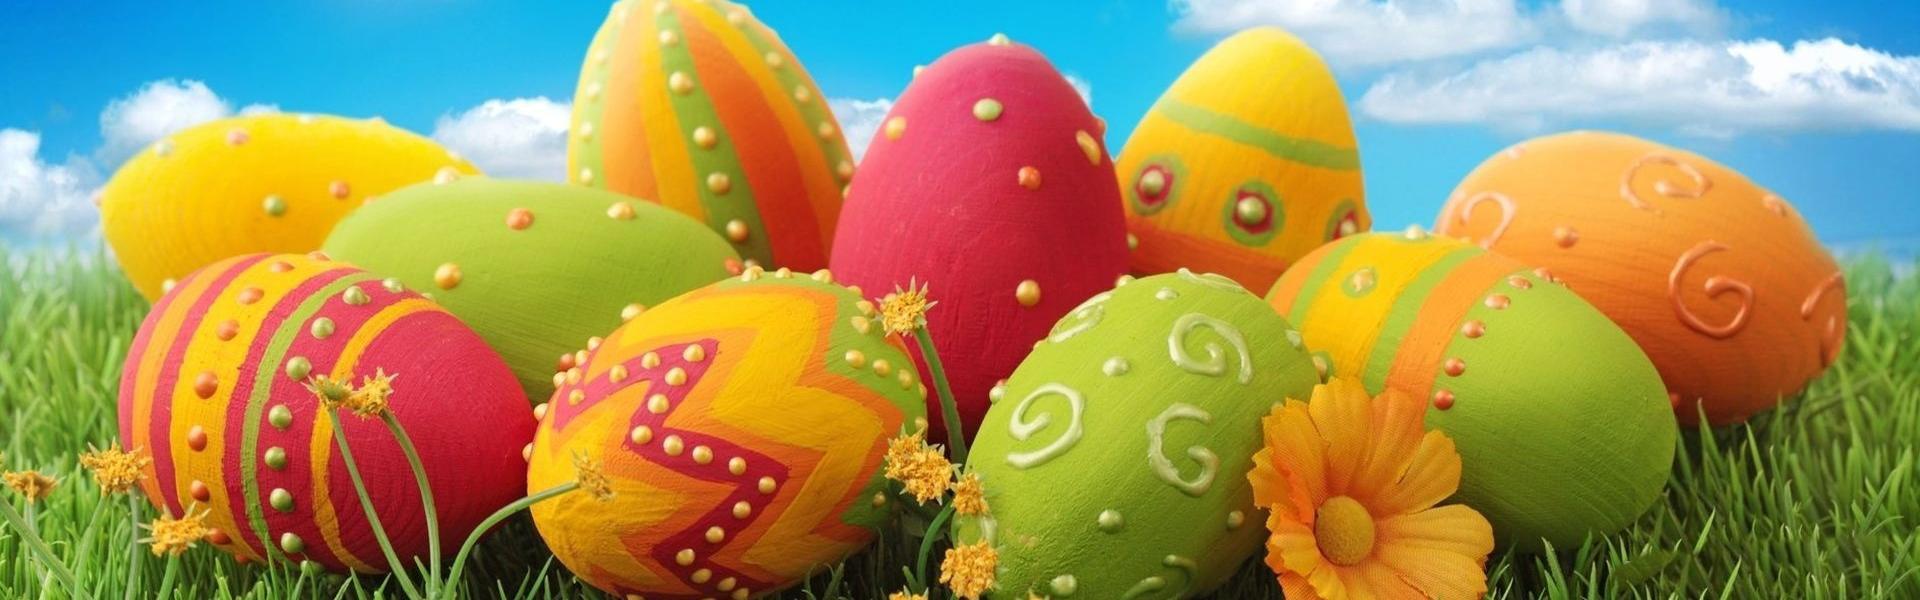 Immagini Buona Pasqua 4K